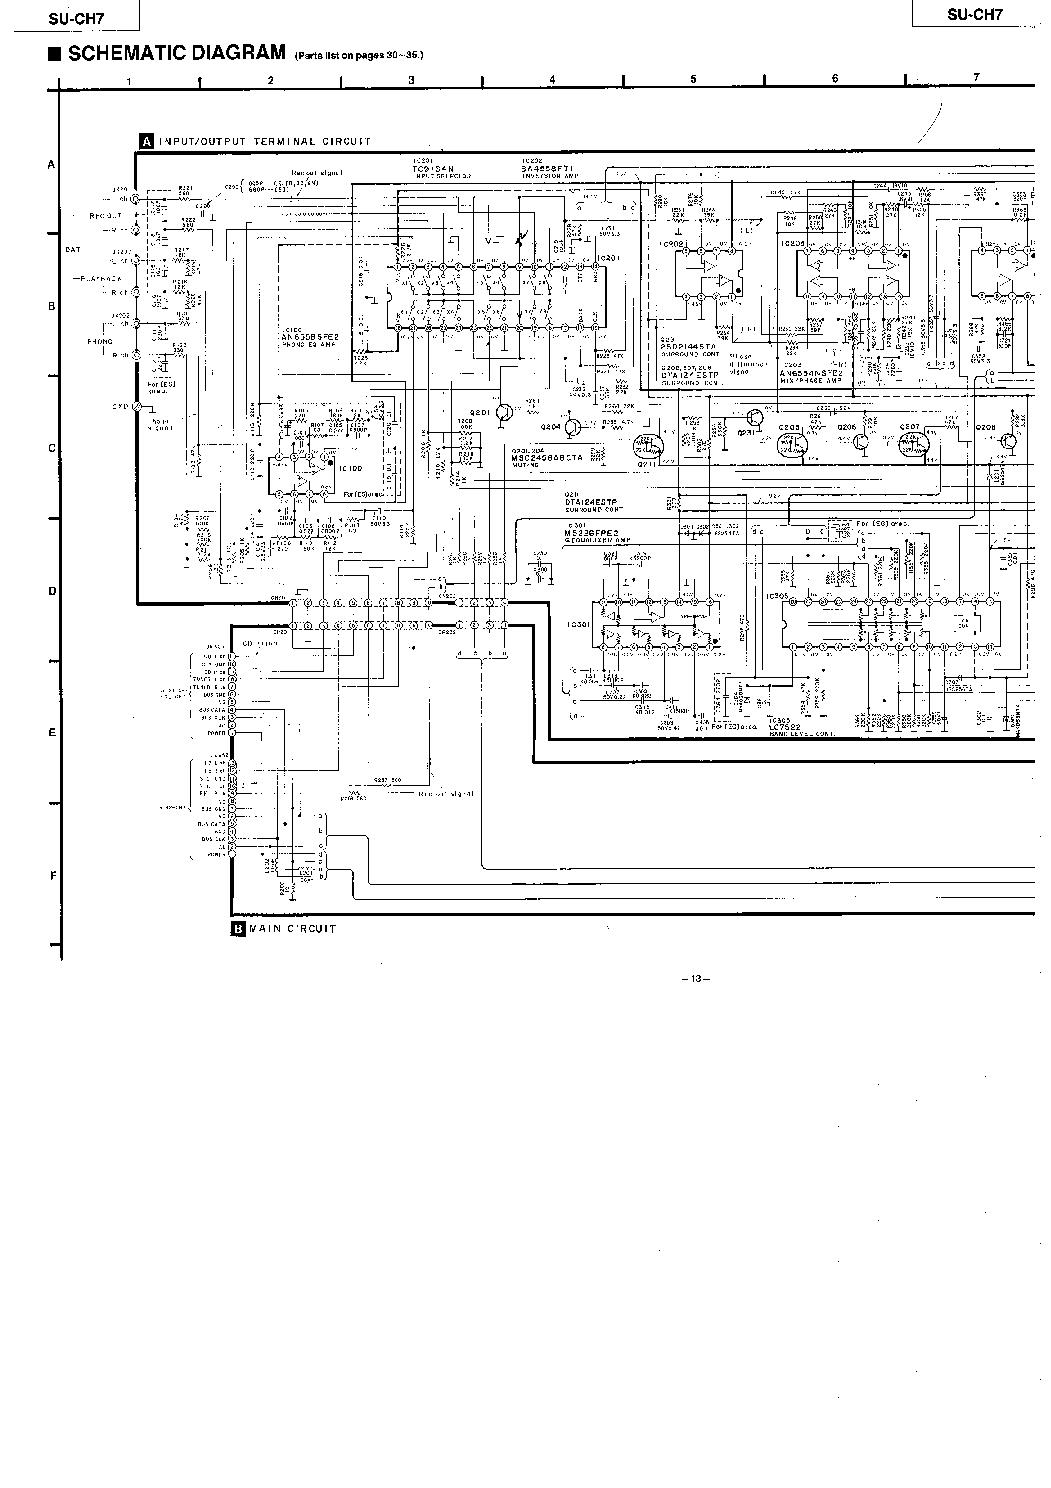 technics wiring diagram wiring diagram schematics